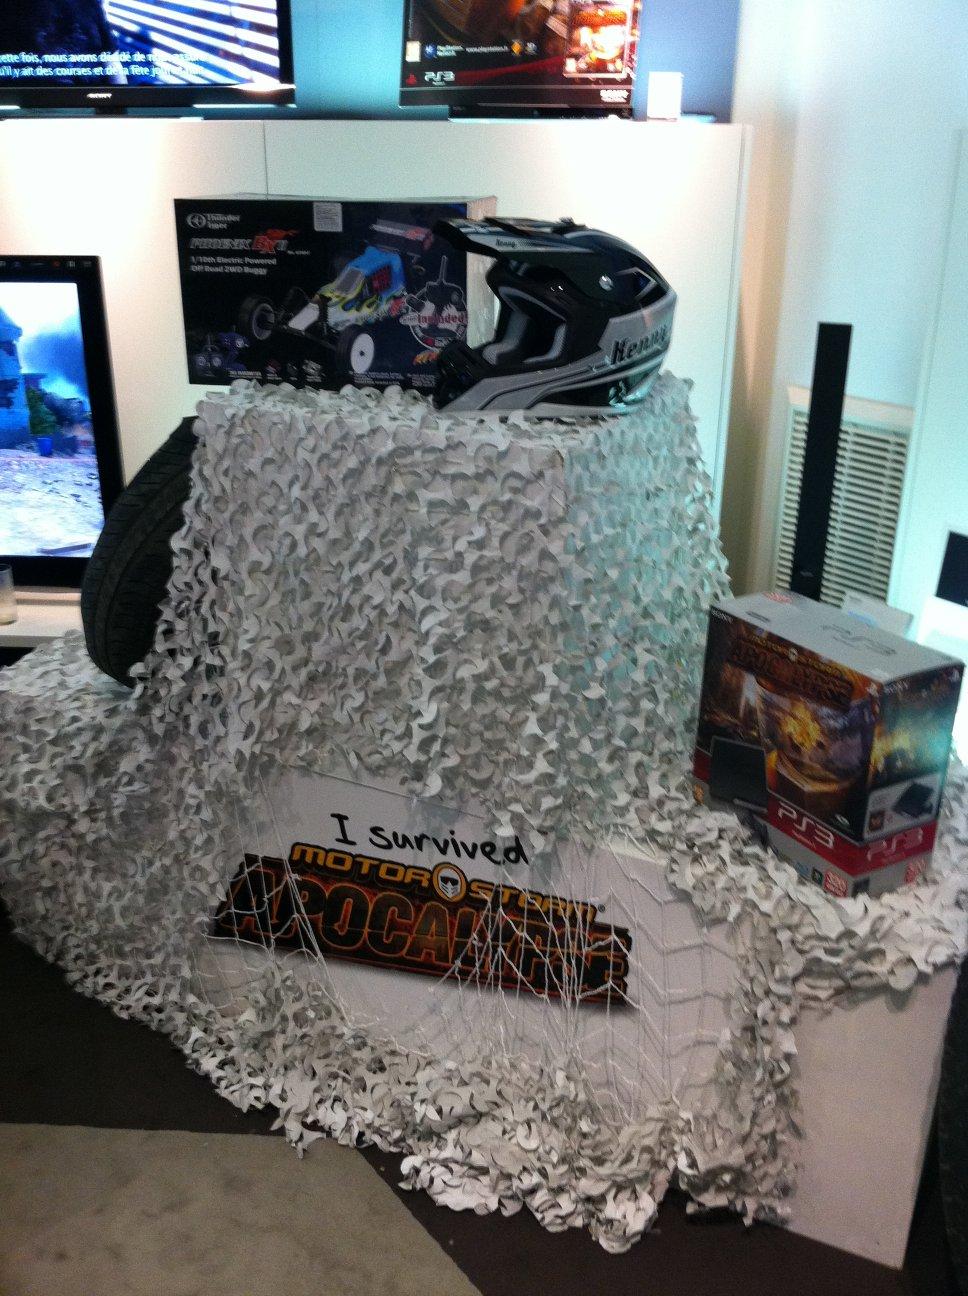 Compte rendu : Soirée MotorStorm Apocalypse